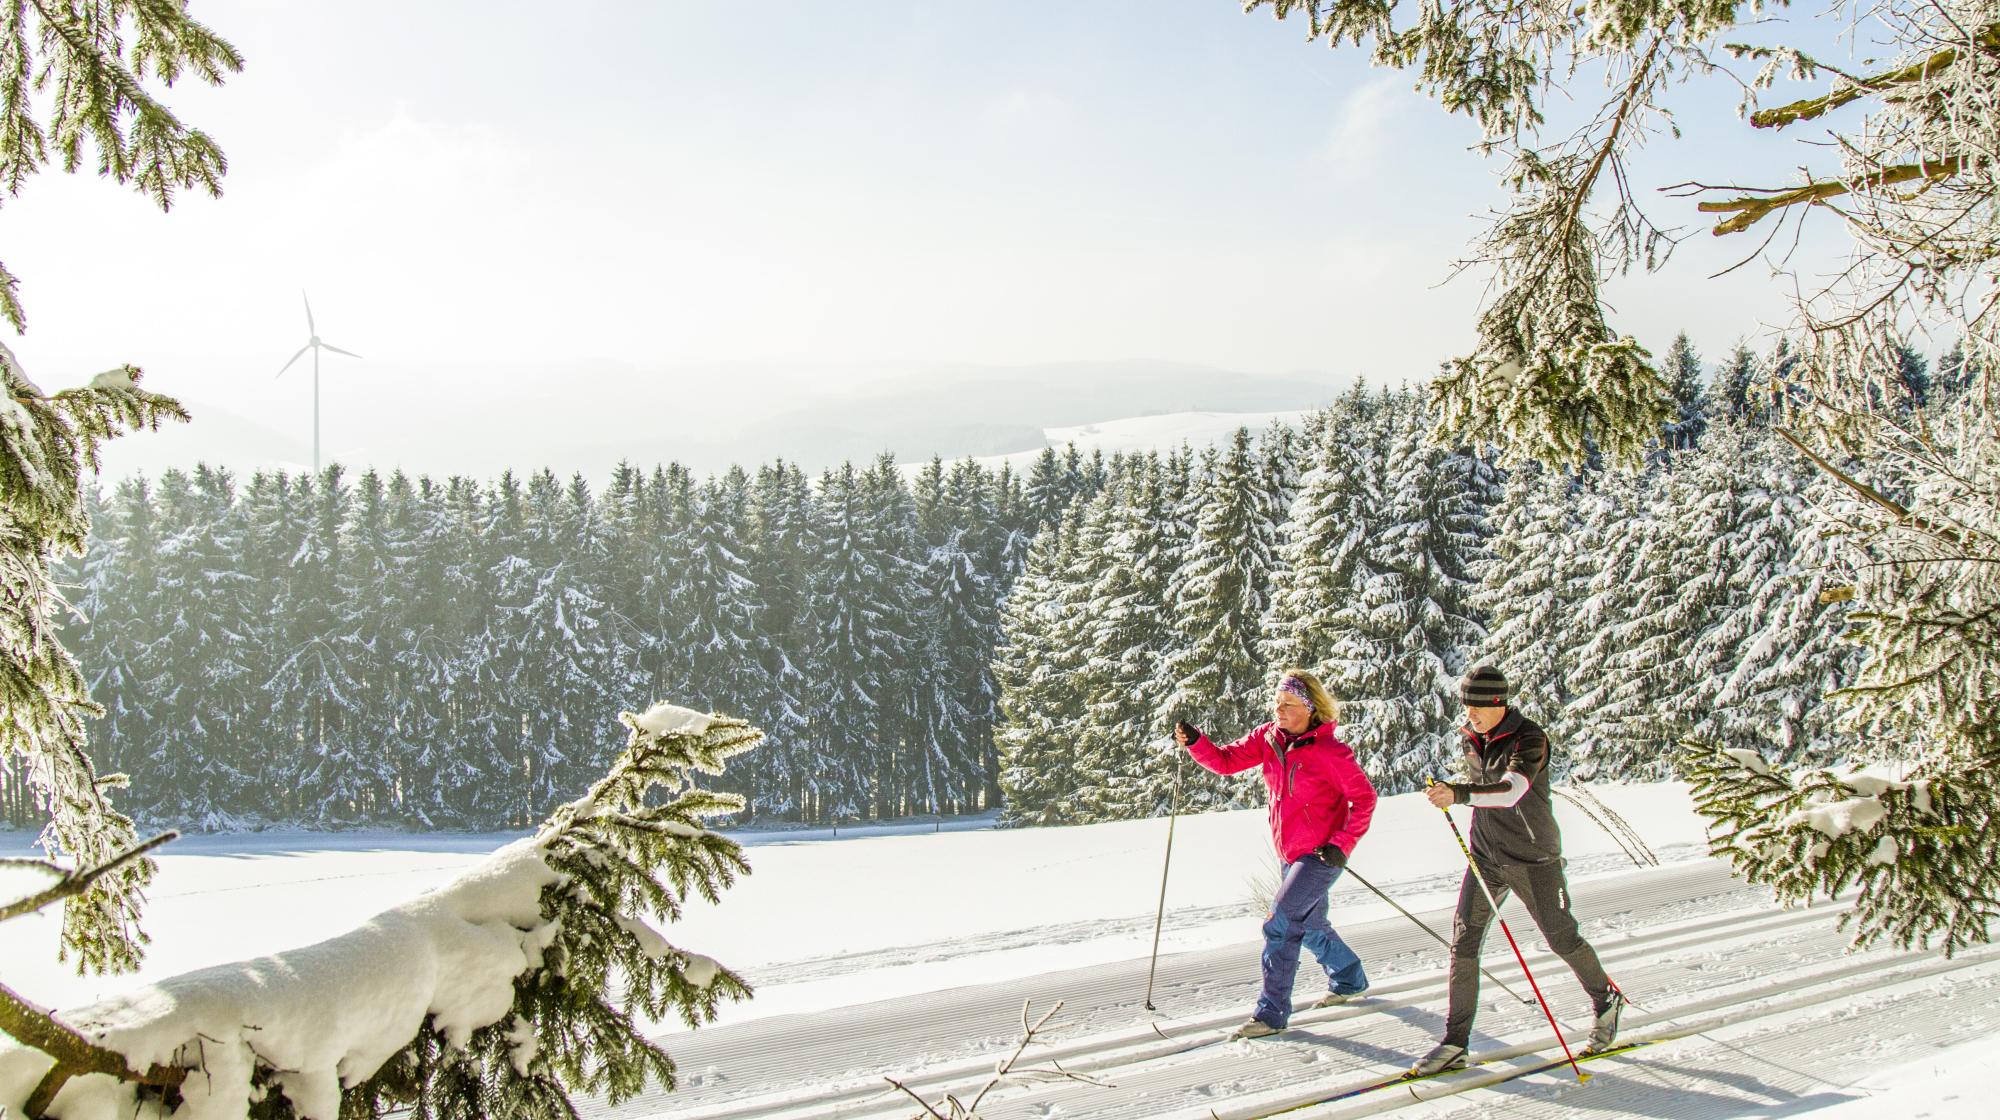 Langläufer in der Wintersport-Arena Sauerland